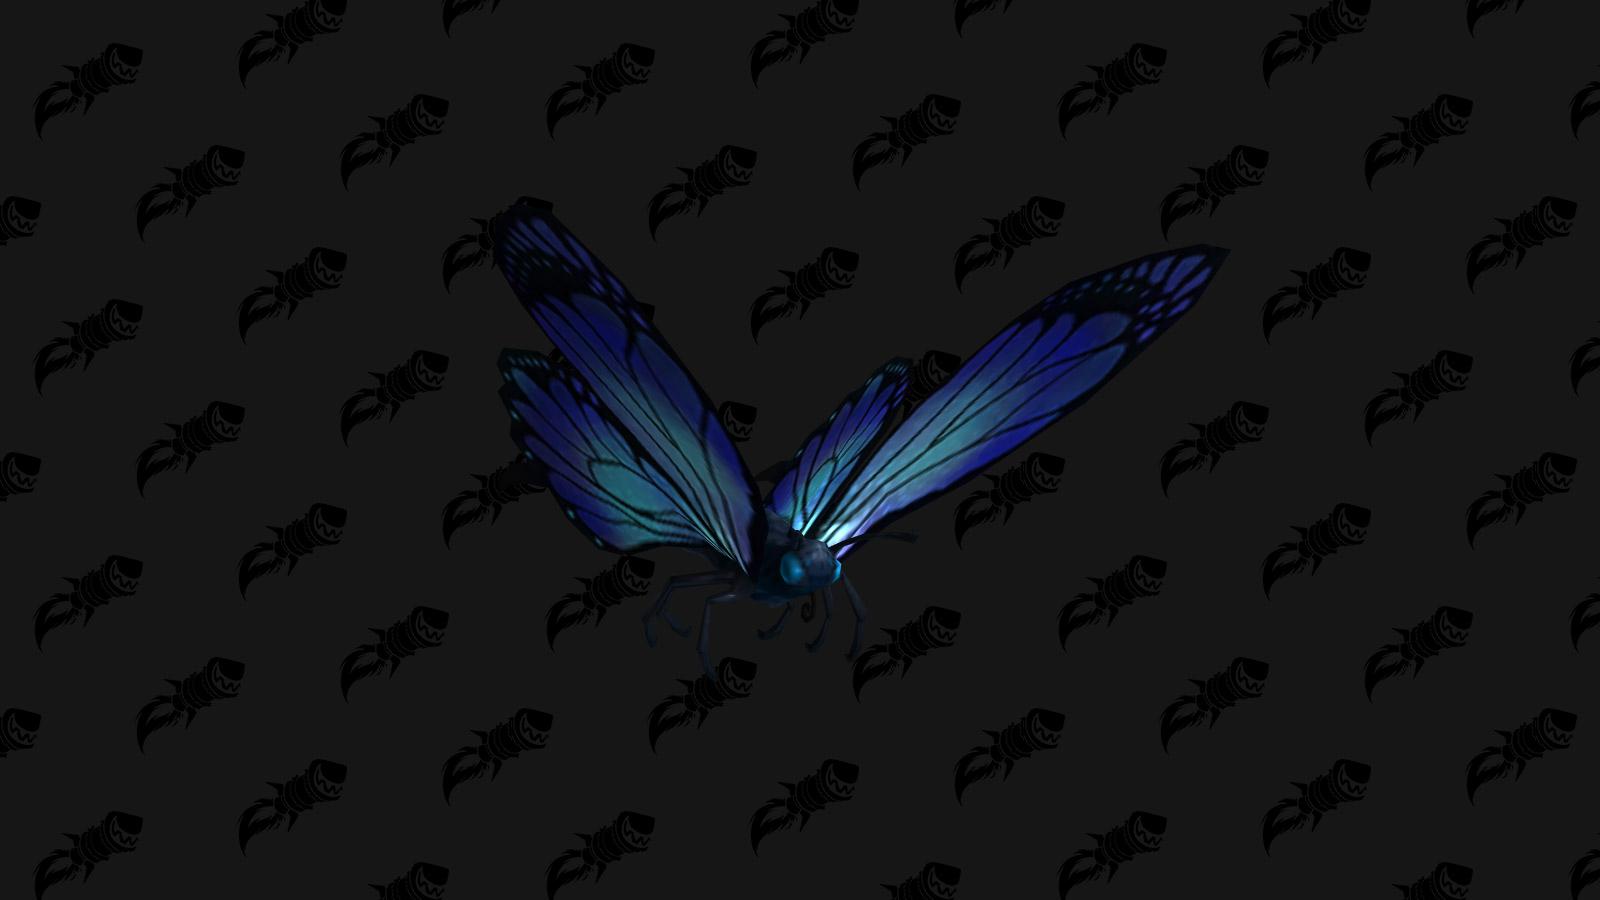 Papillon en bocal, mascotte BFA qui s'achète contre des charmes polis